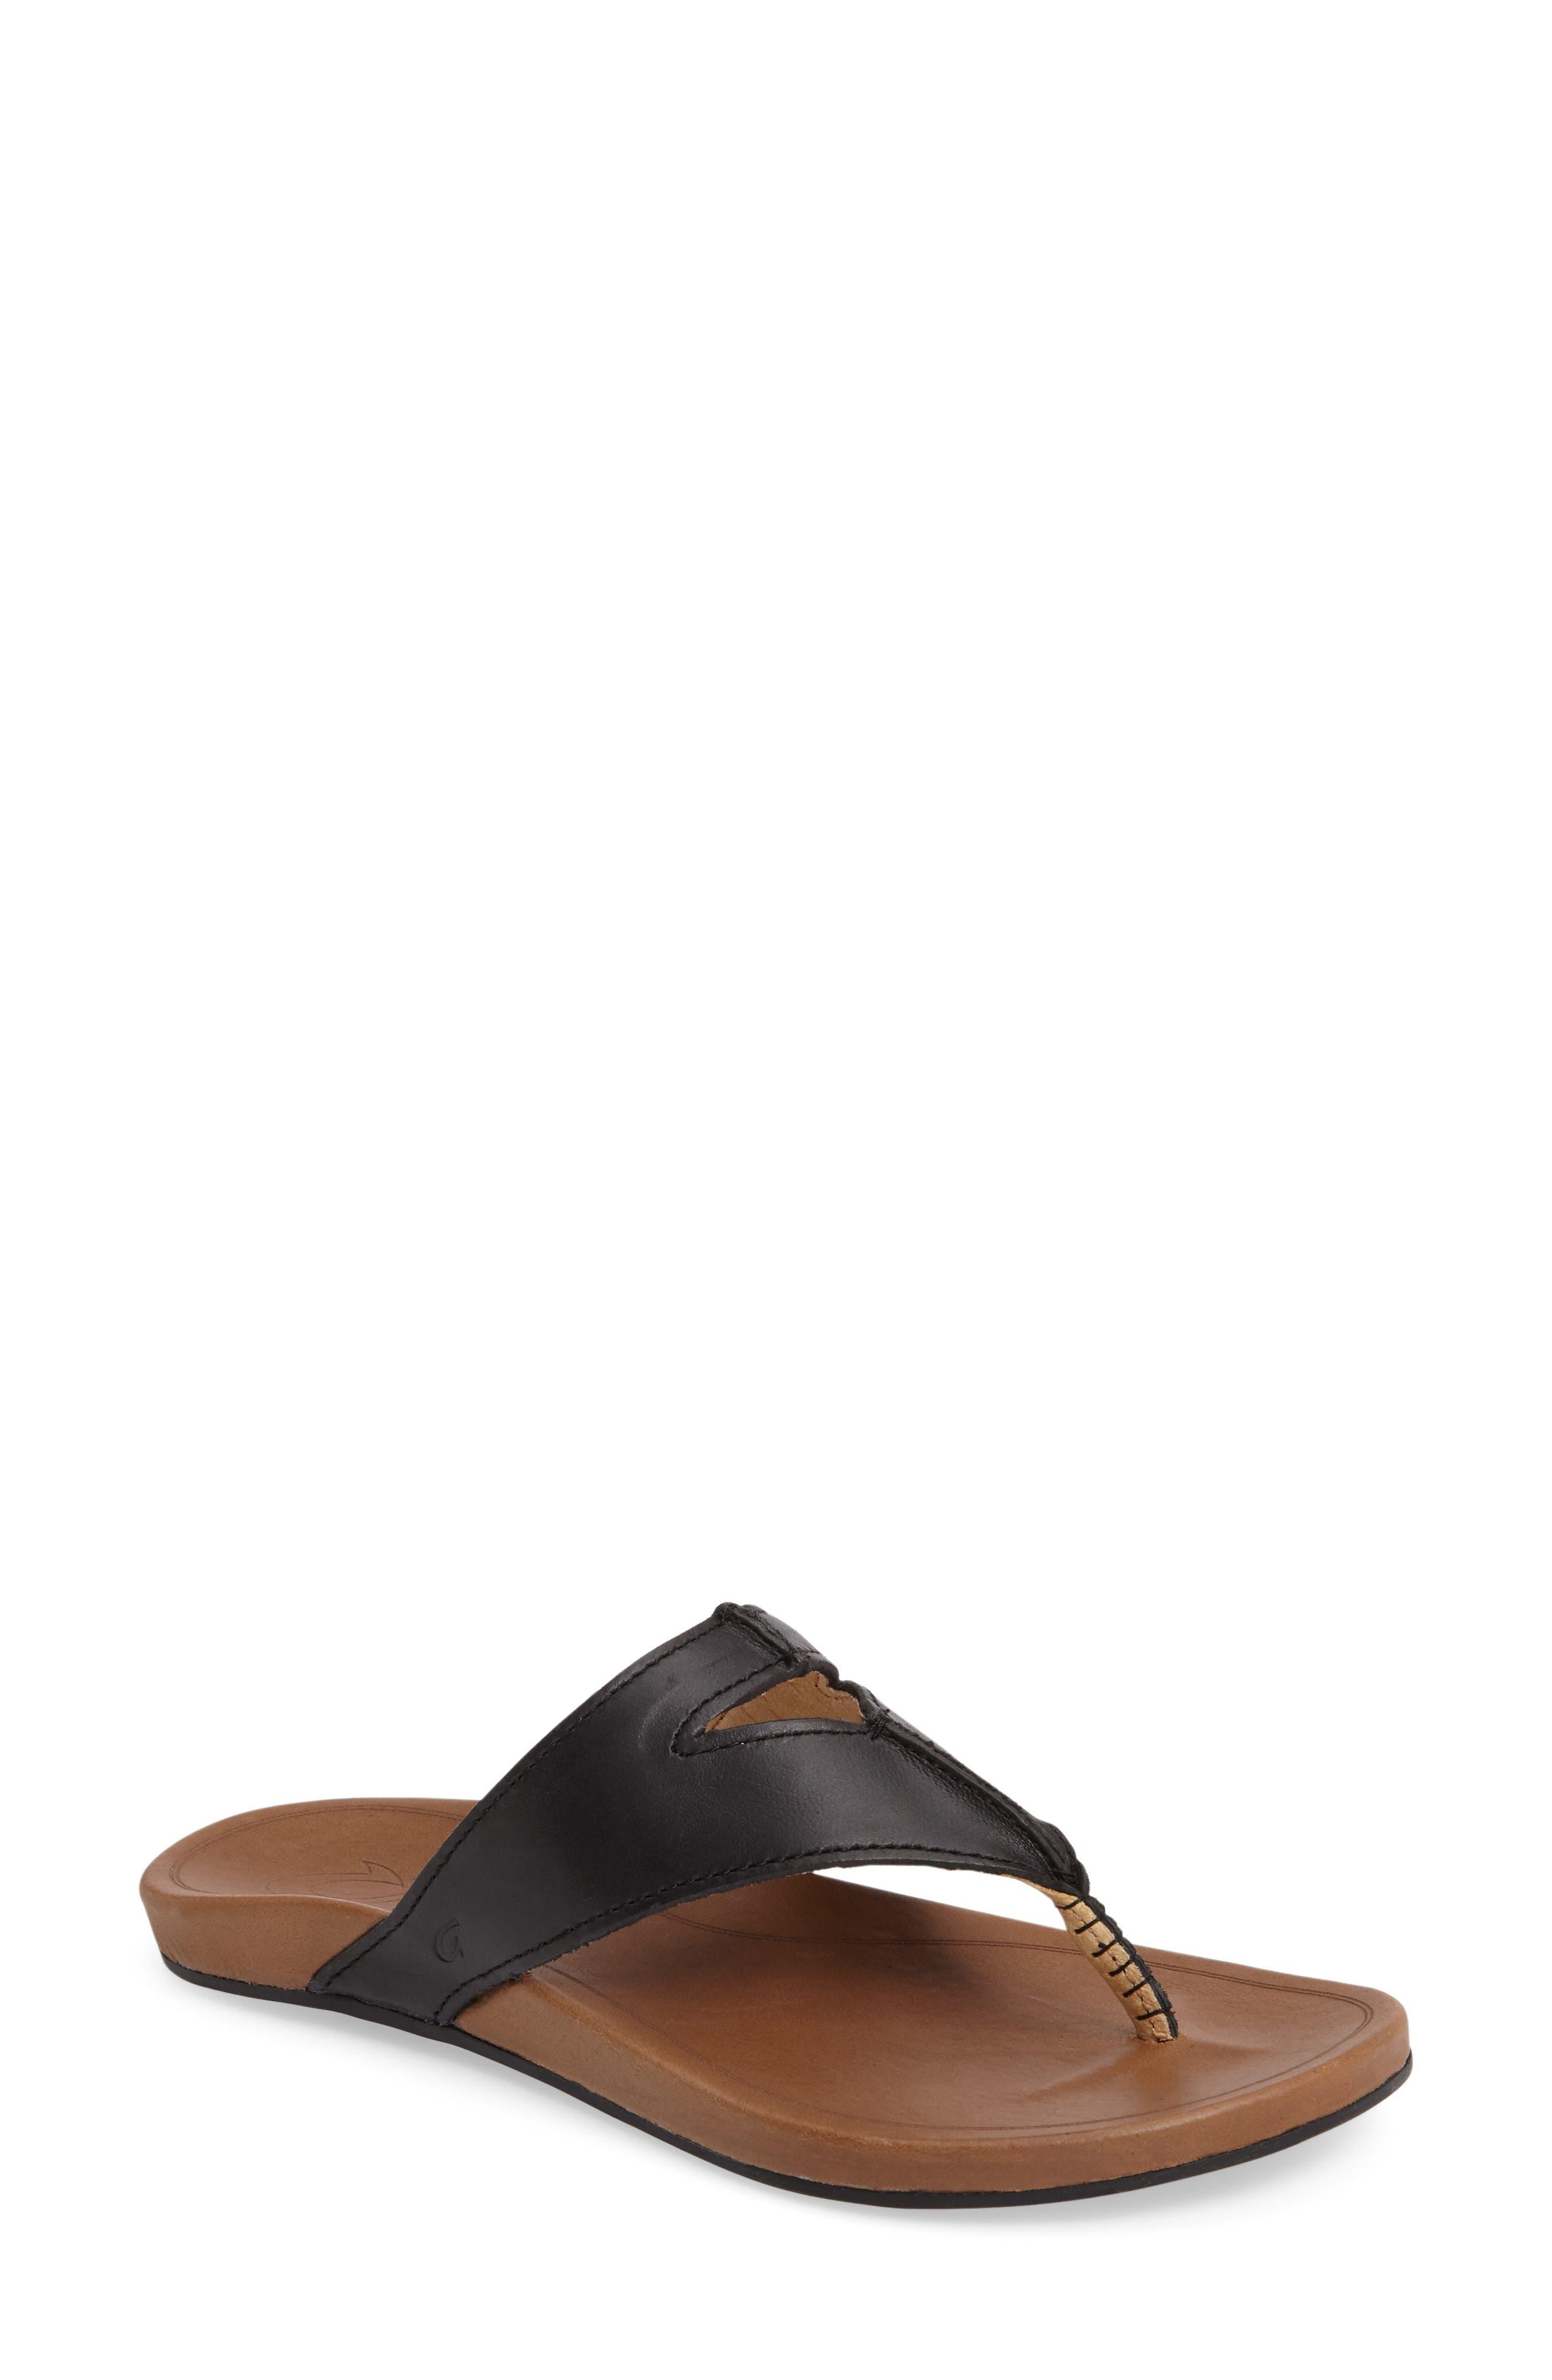 Lala Flip Flop,                         Main,                         color, BLACK/ TAN LEATHER